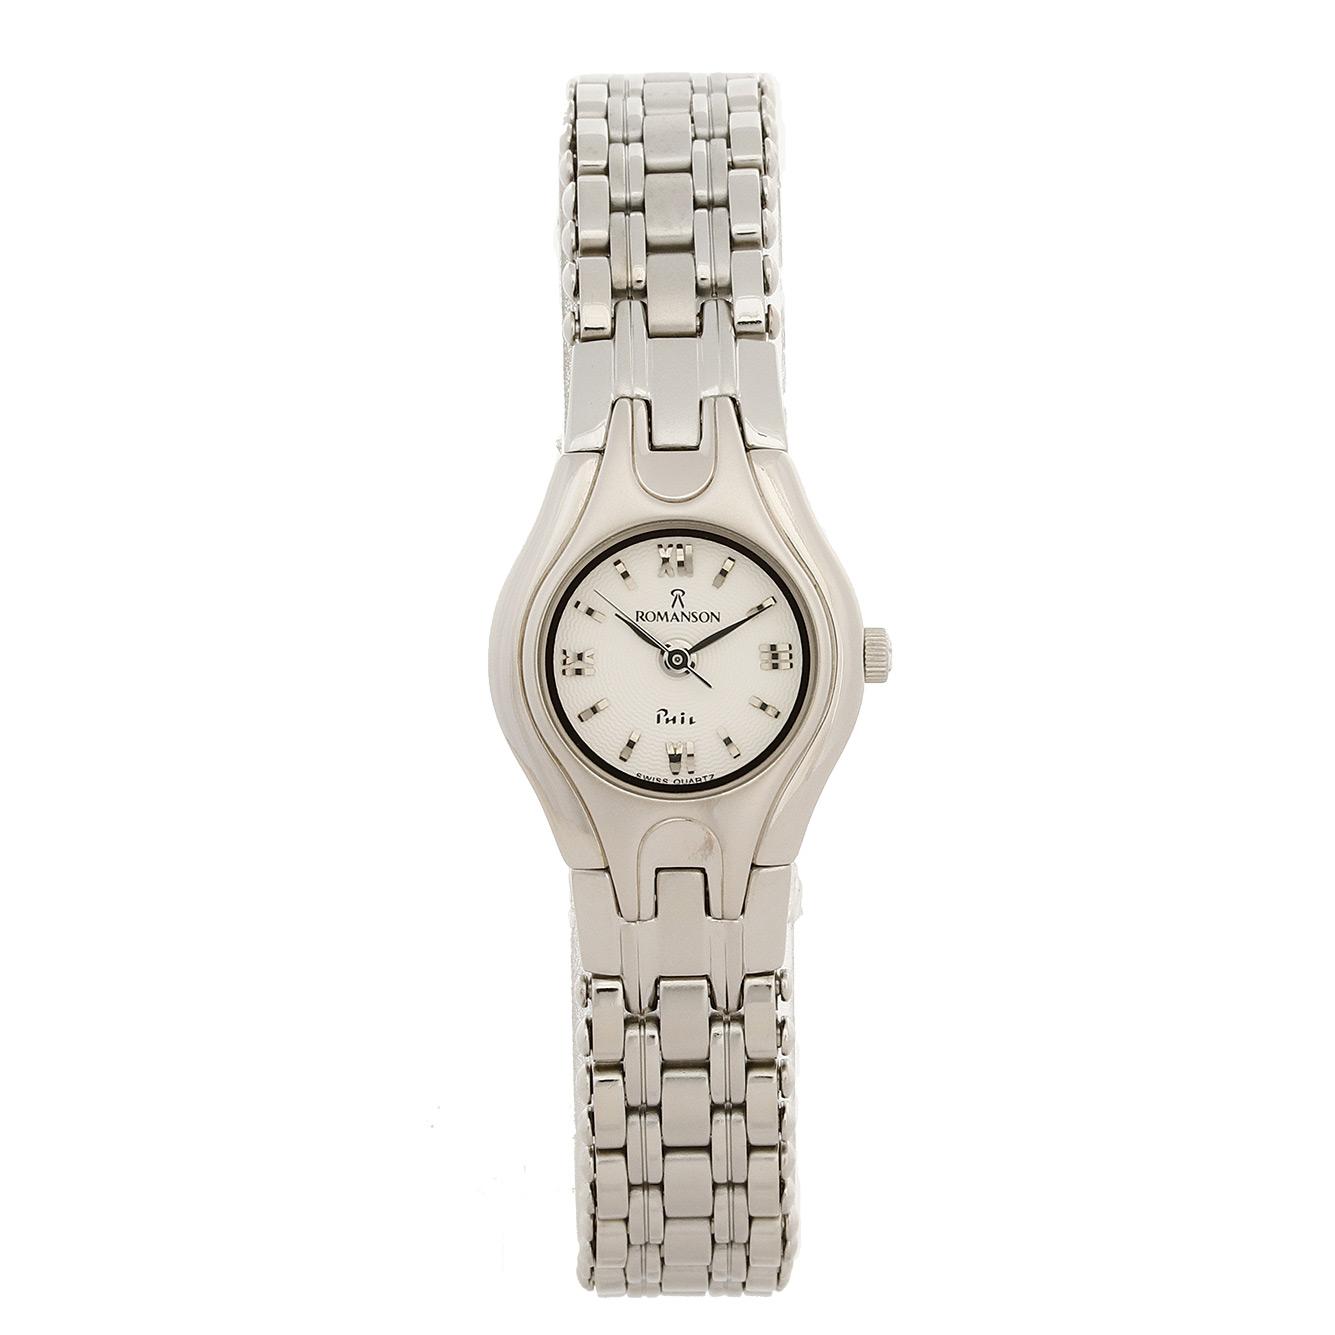 ساعت مچی عقربه ای زنانه رومانسون مدل NM4507LL1WAS2W